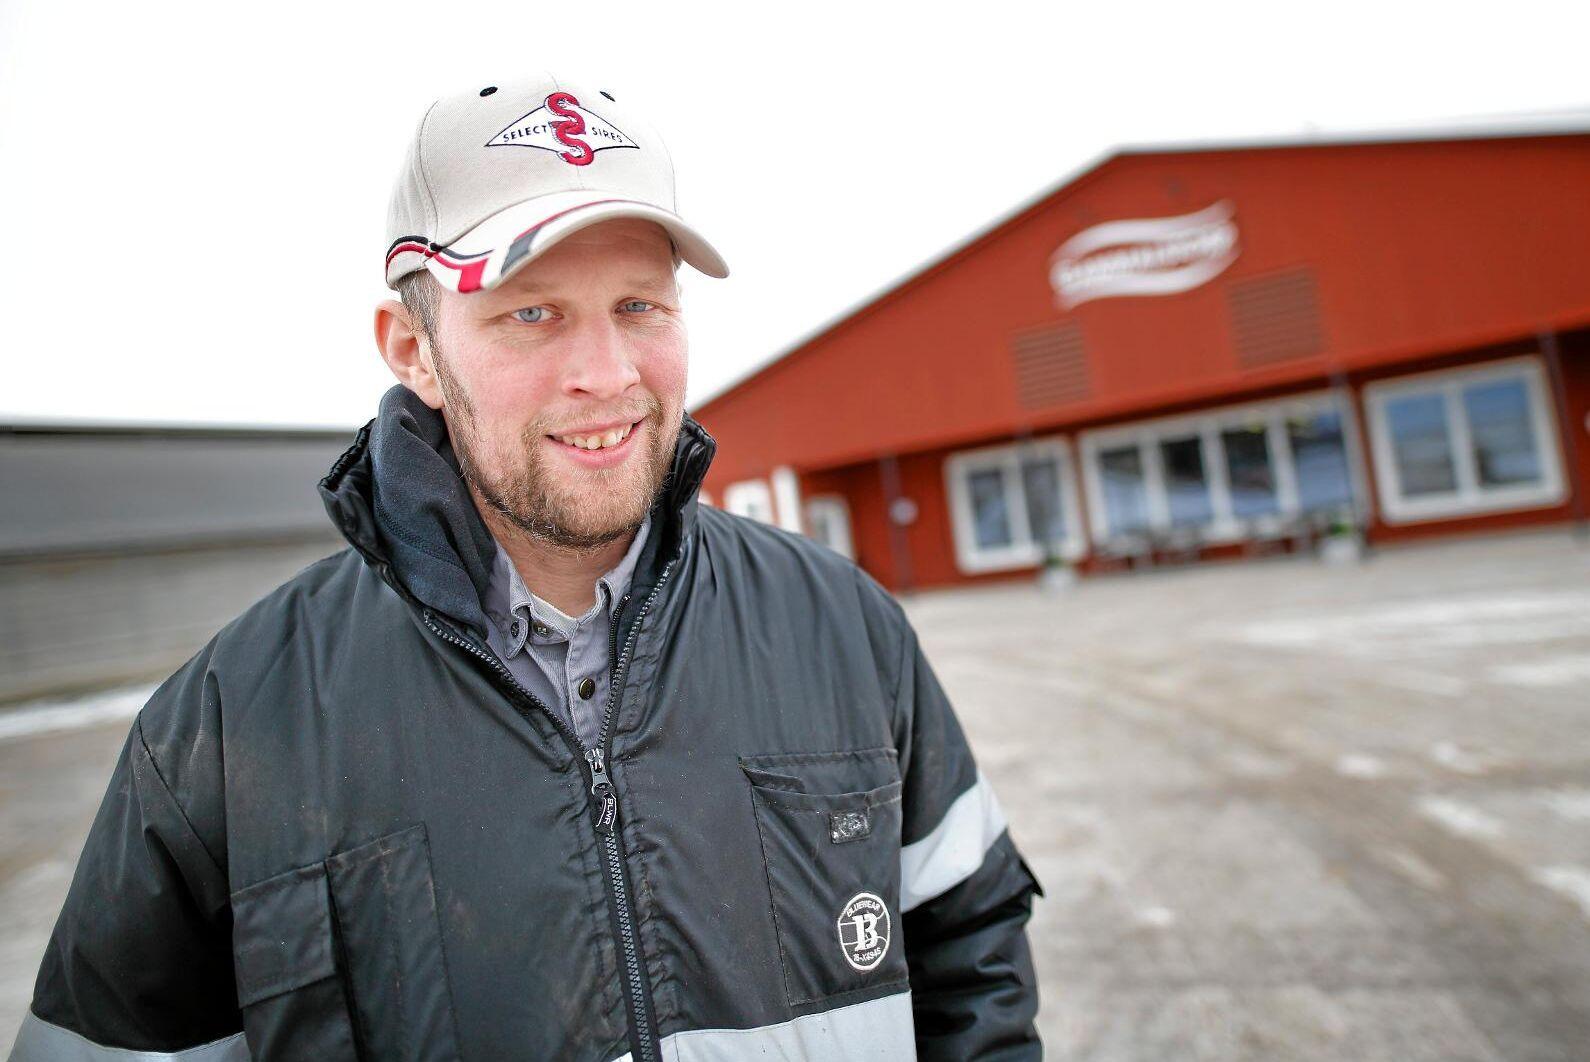 Satsning på mejeriet i Boxholm kommer att behöva både mer pengar och fler mjölkleverantörer på sikt, enligt Anders Birgersson, en av Glada bondens grundare.